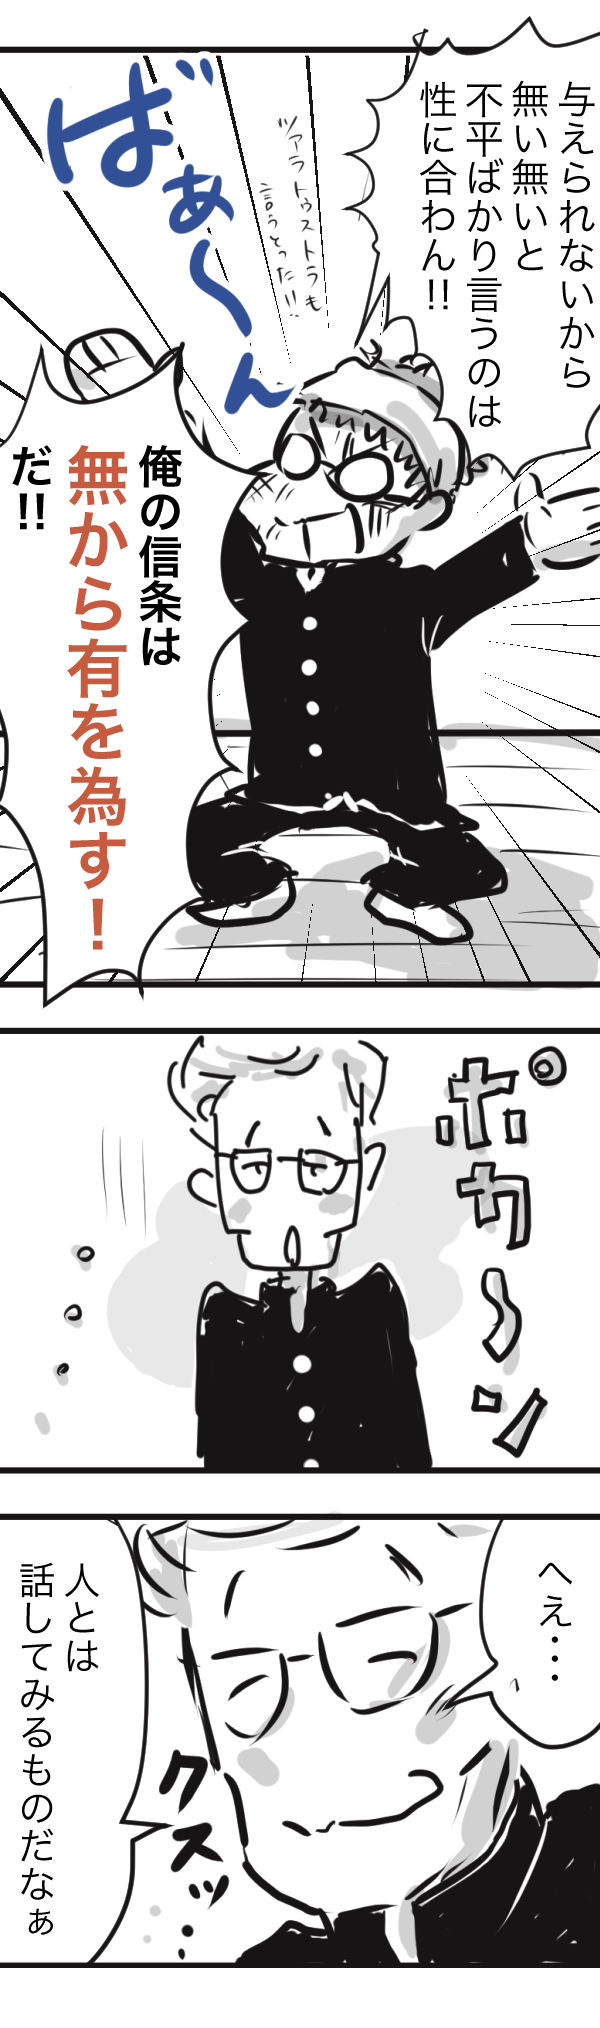 山田 金沢 4−3−1